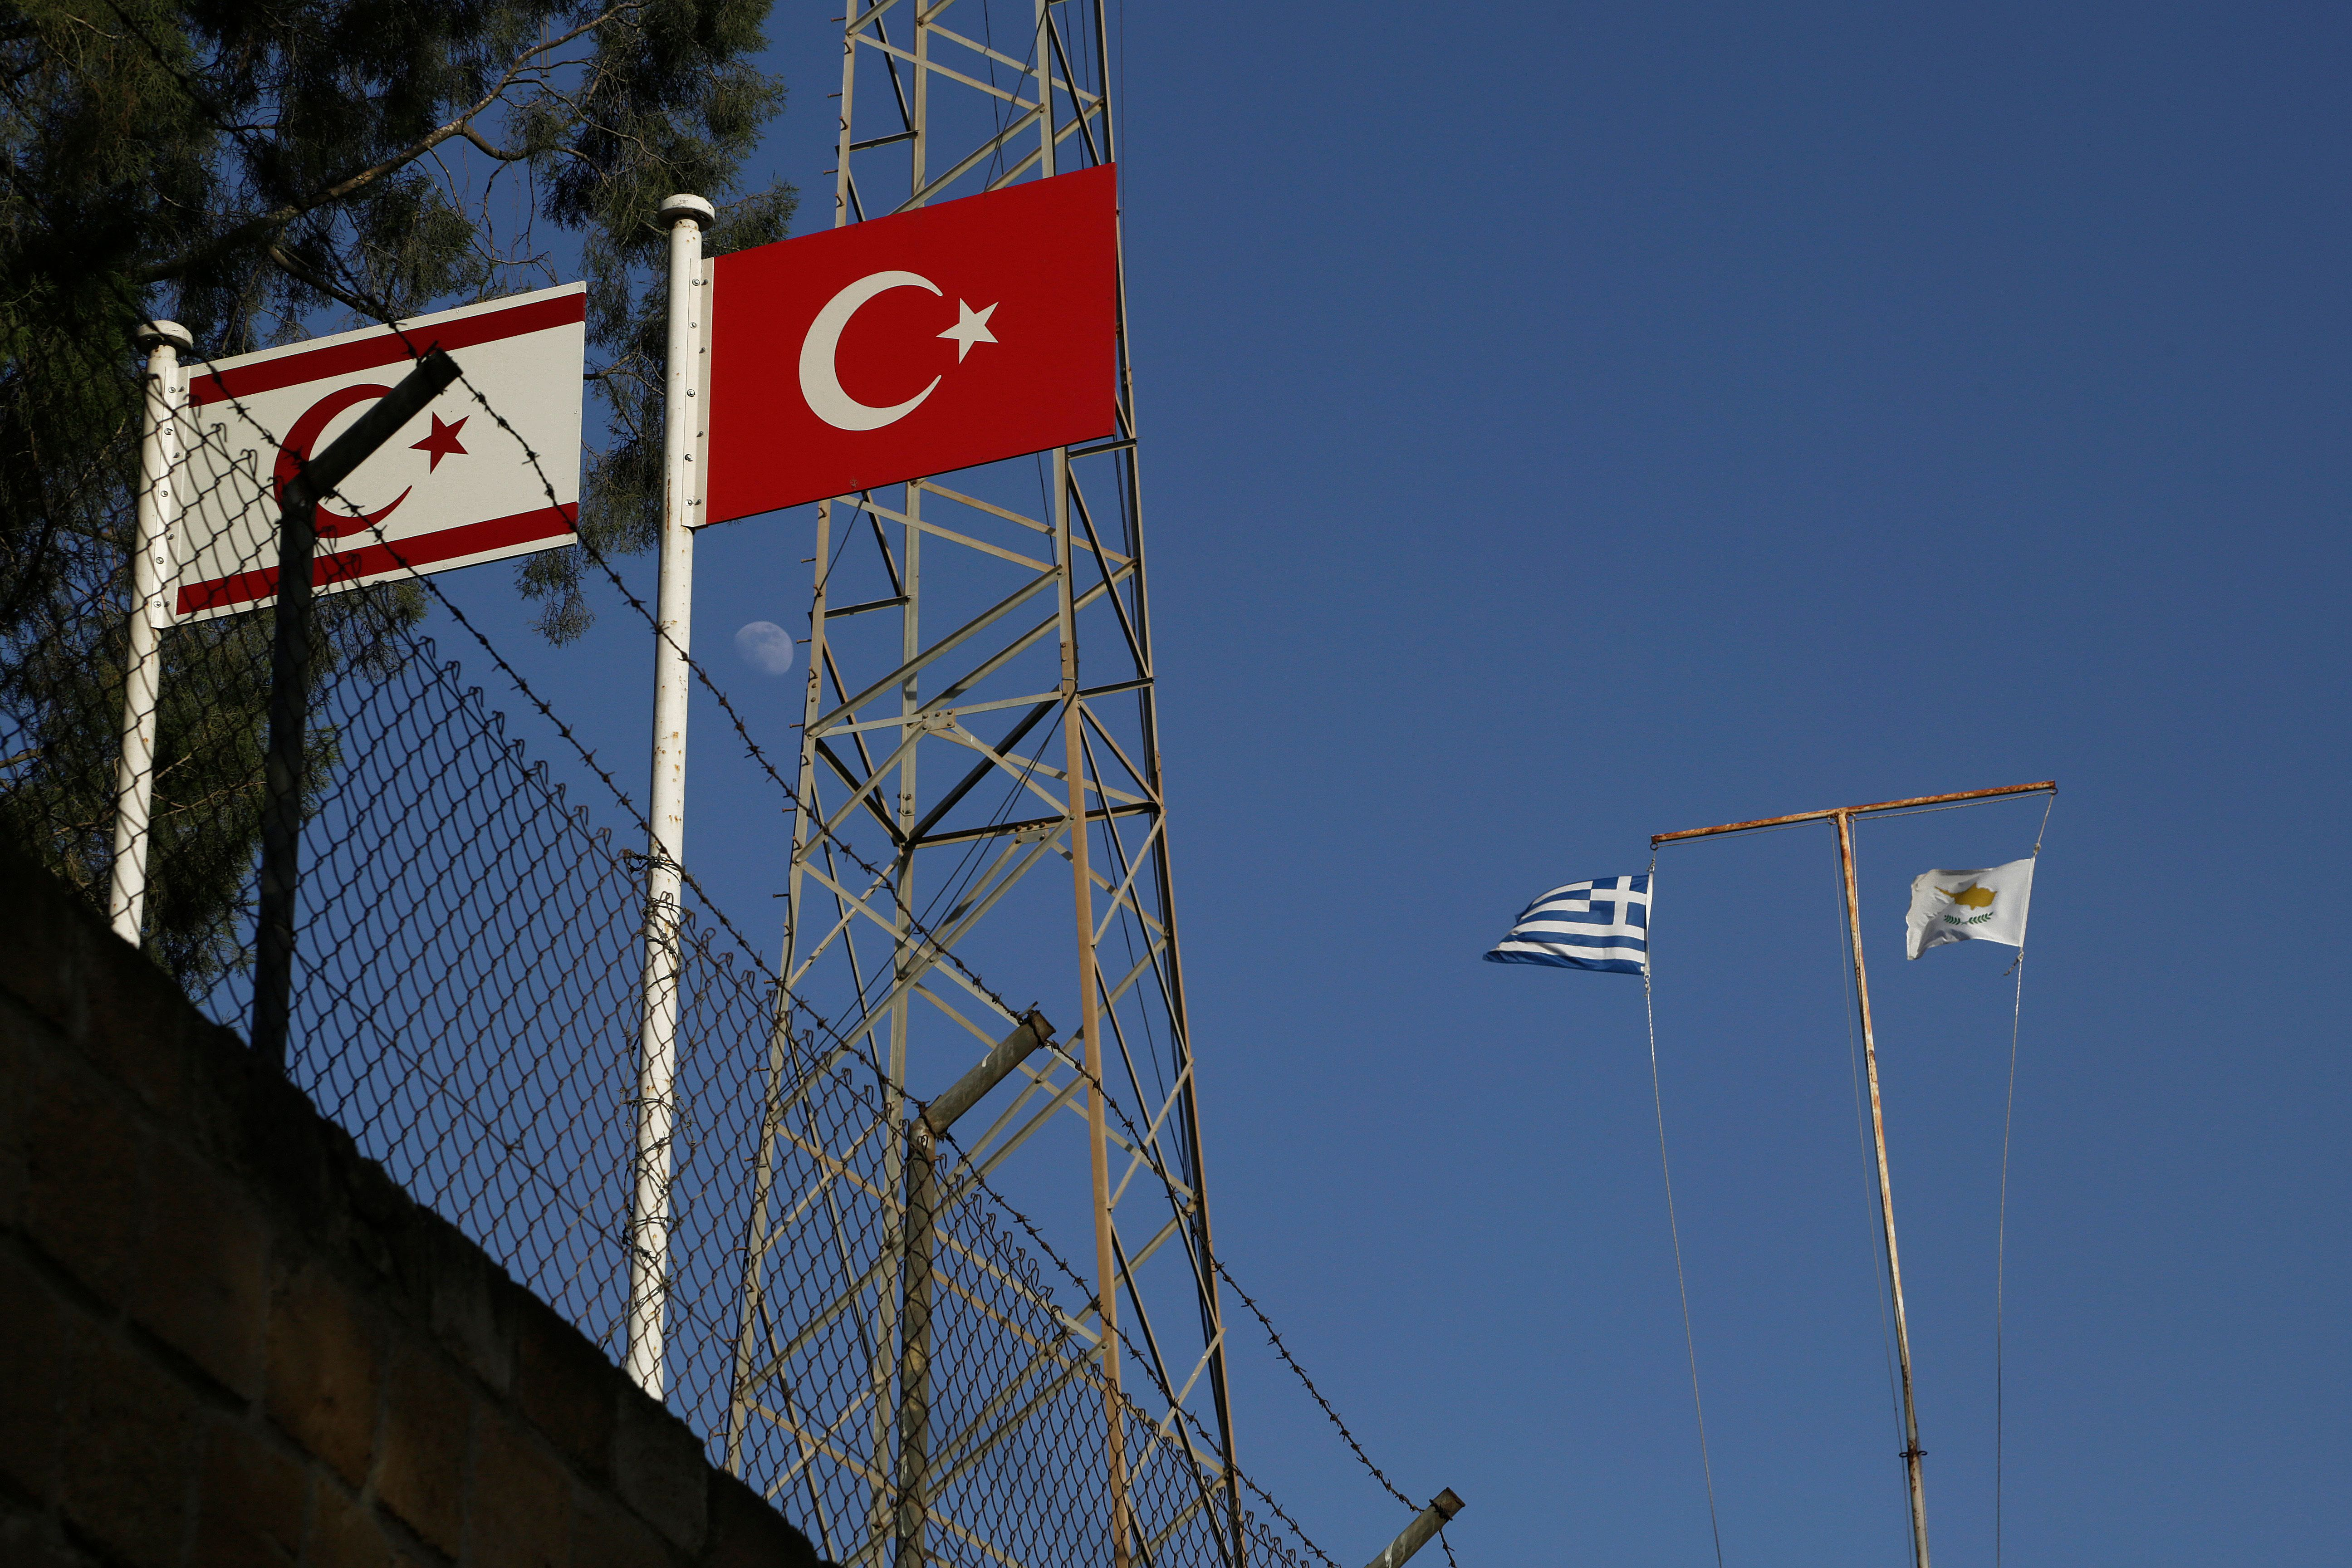 ΥΠΕΞ: Η Τουρκία να ανακαλέσει την «ανεξαρτησία» του